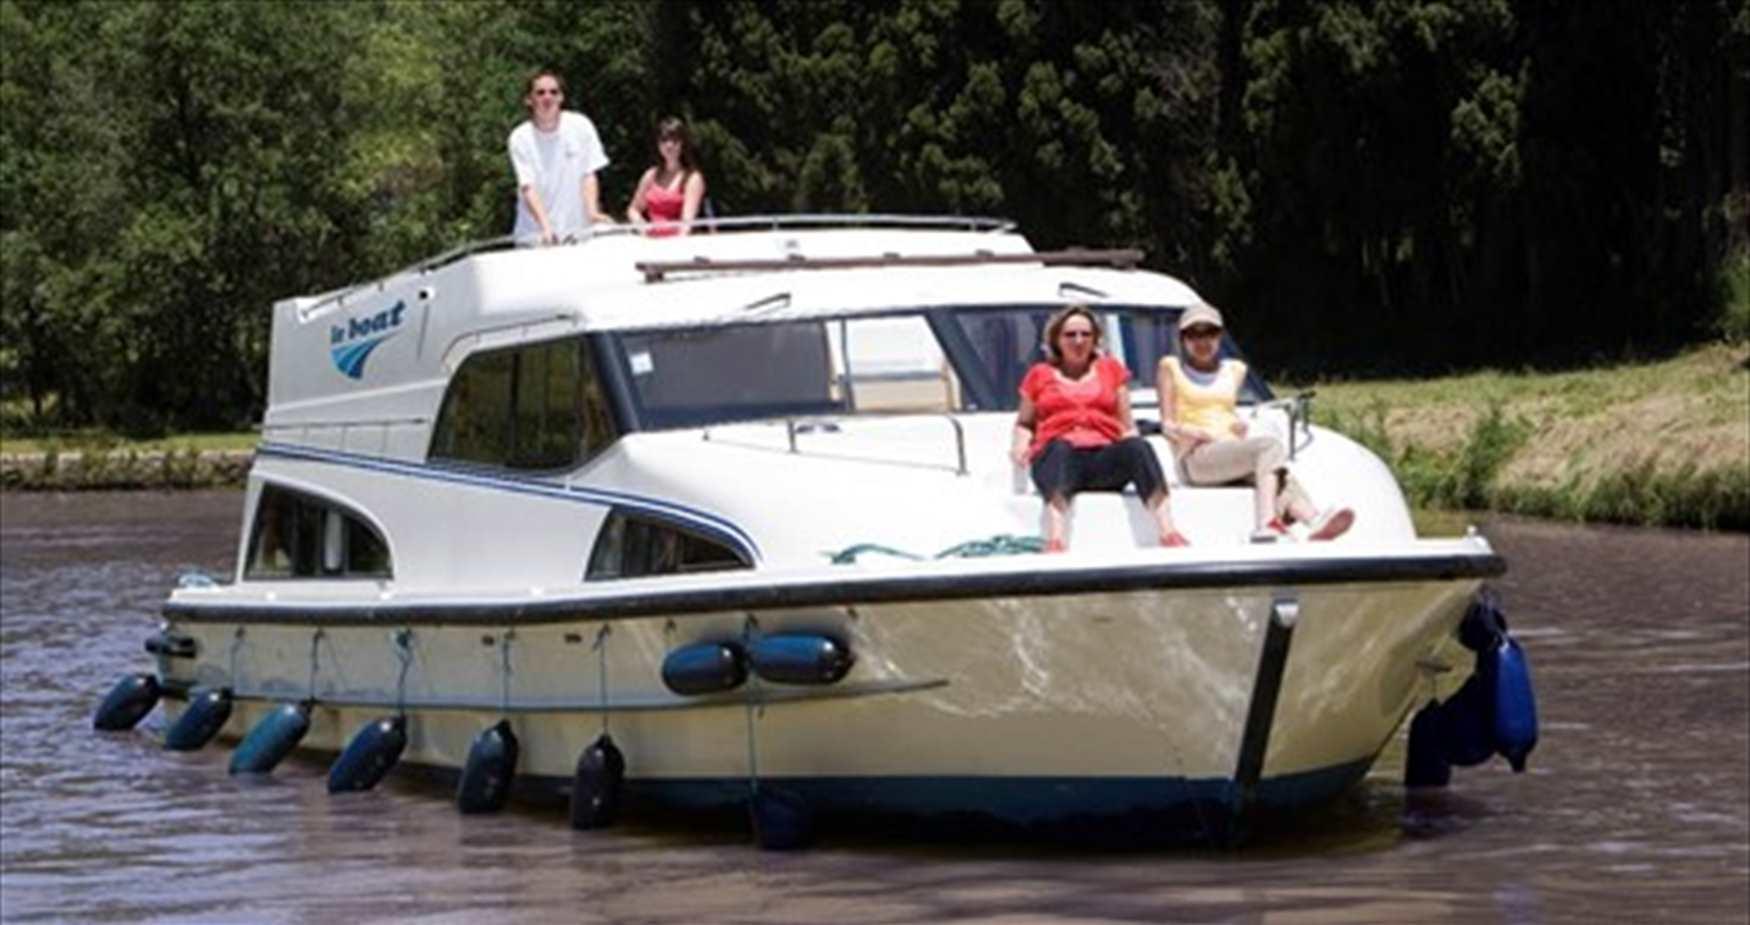 Le Boat Boating Holidays